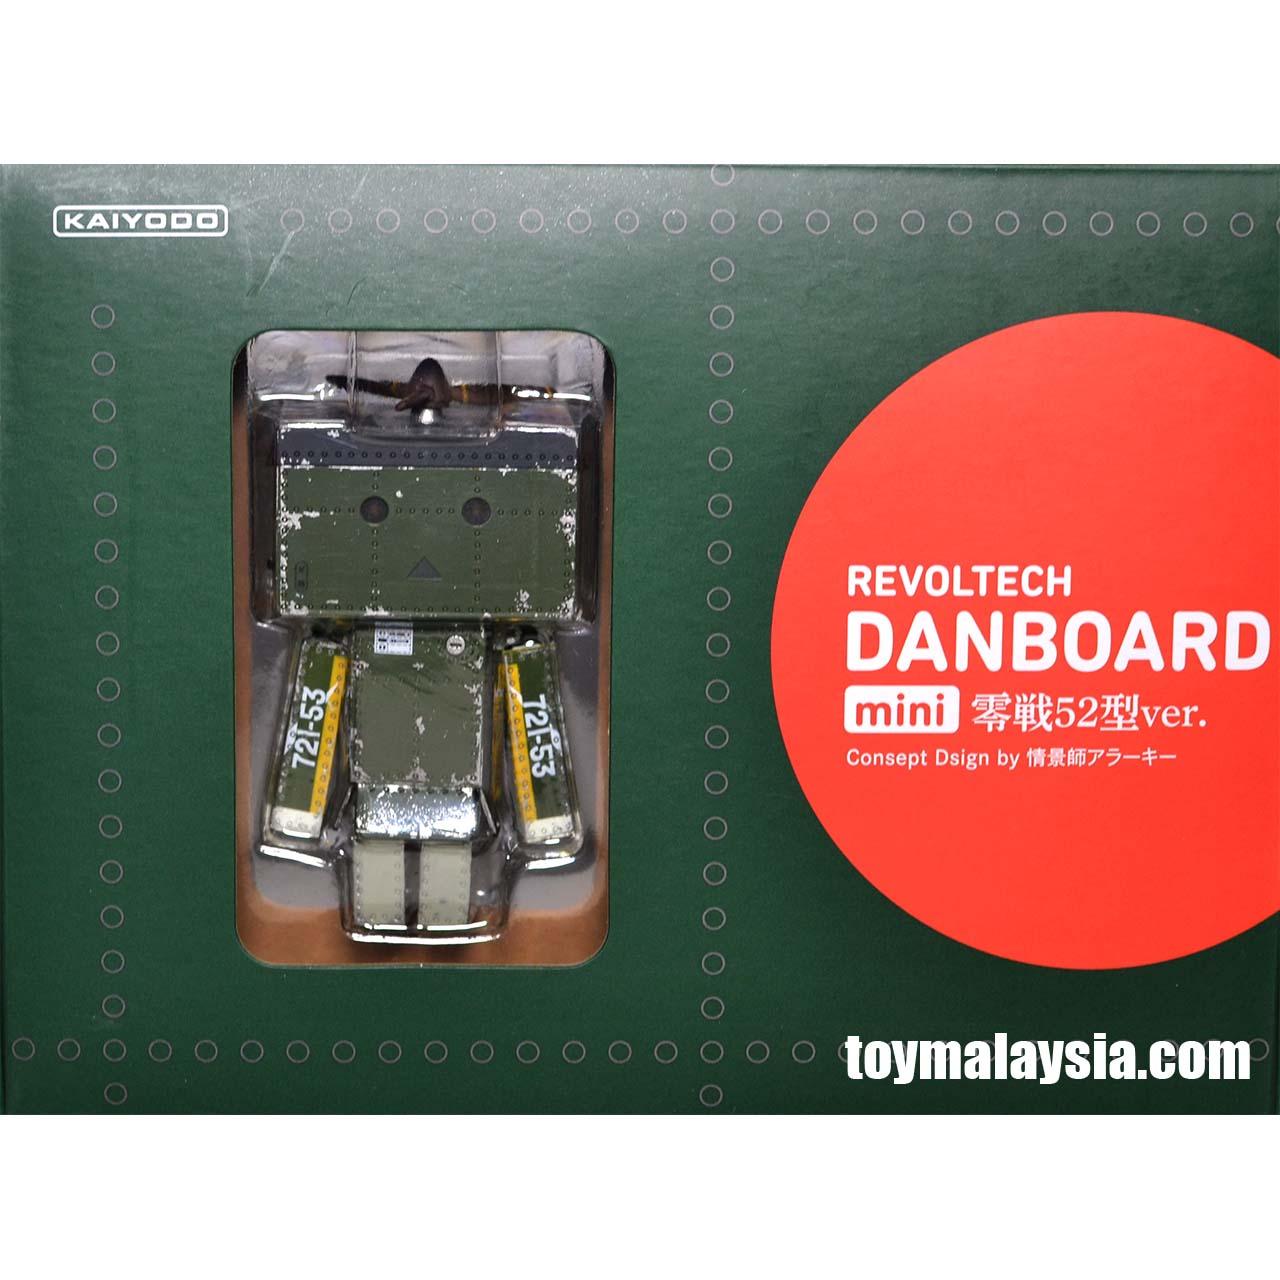 danboardmini25.jpg